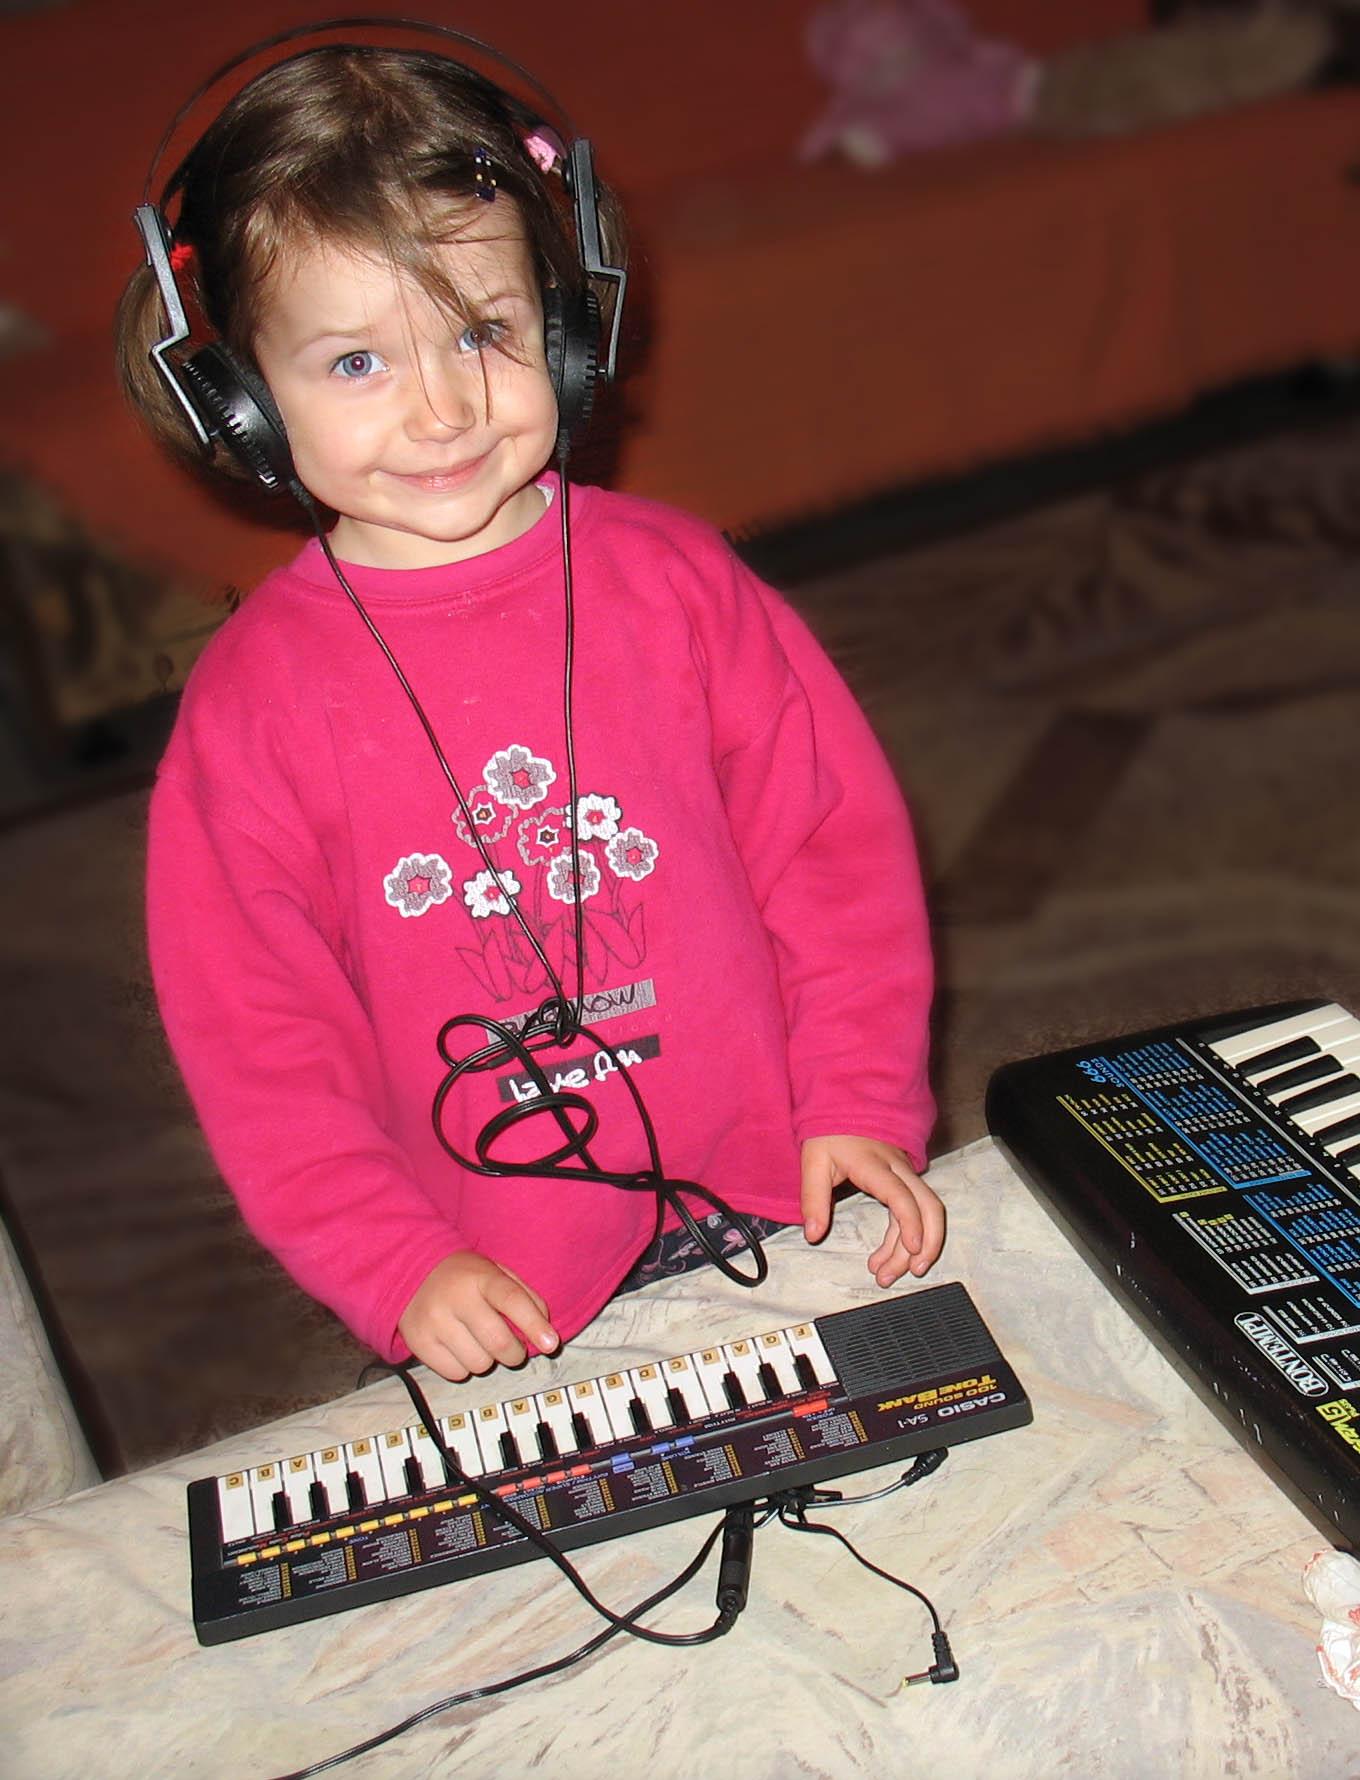 Как люблю я эти звуки!. Дети и музыка